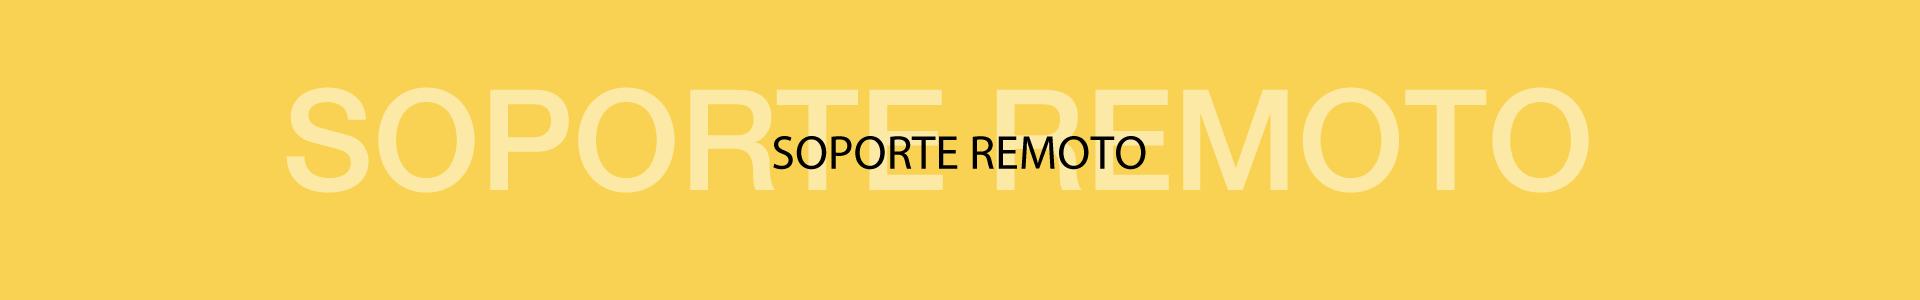 BFV Informática soporte remoto 1920x300